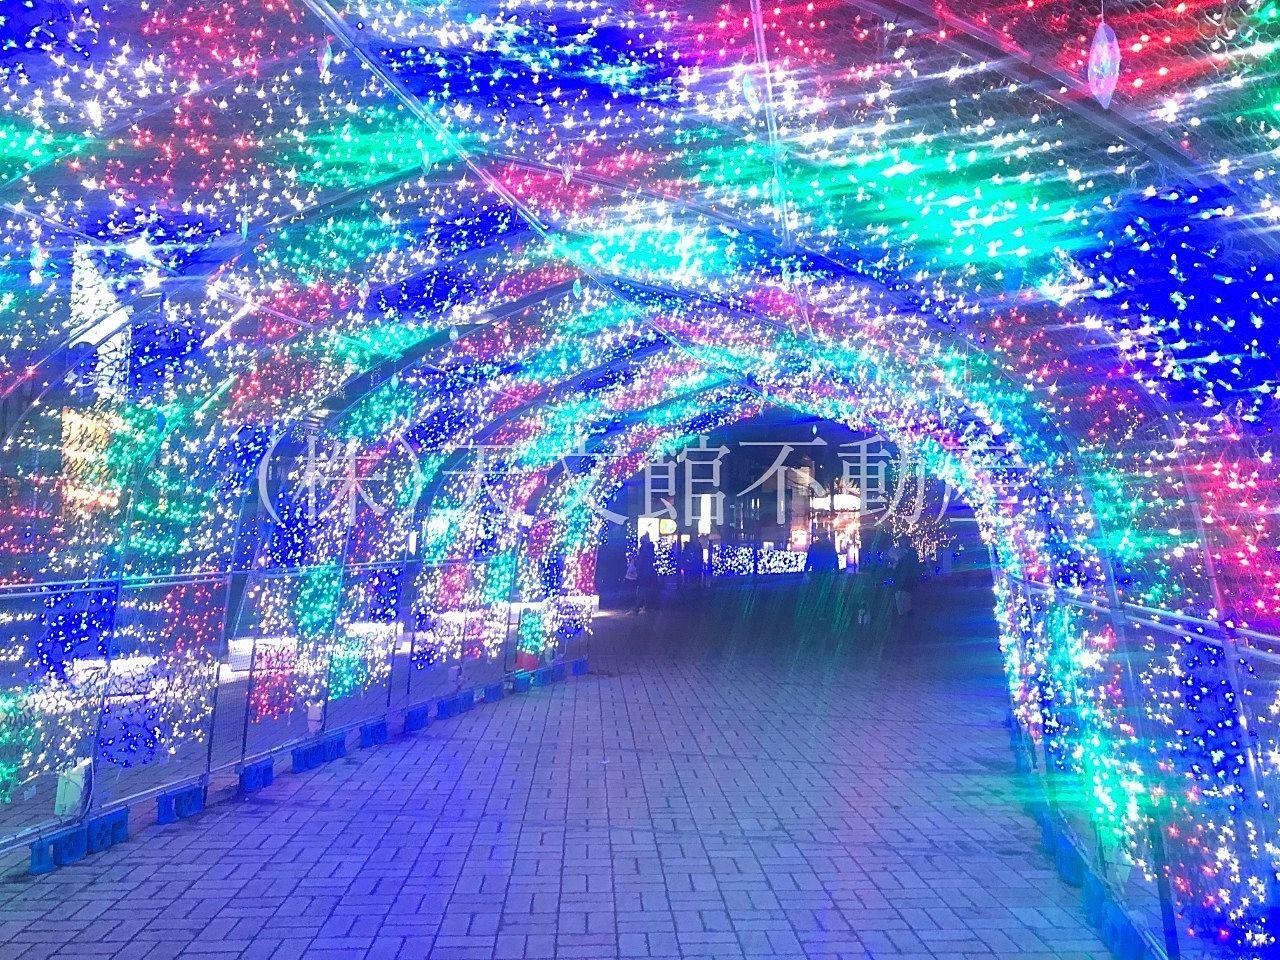 鹿児島市千日町の天文館公園で天文館ミリオネーションが始まりました。